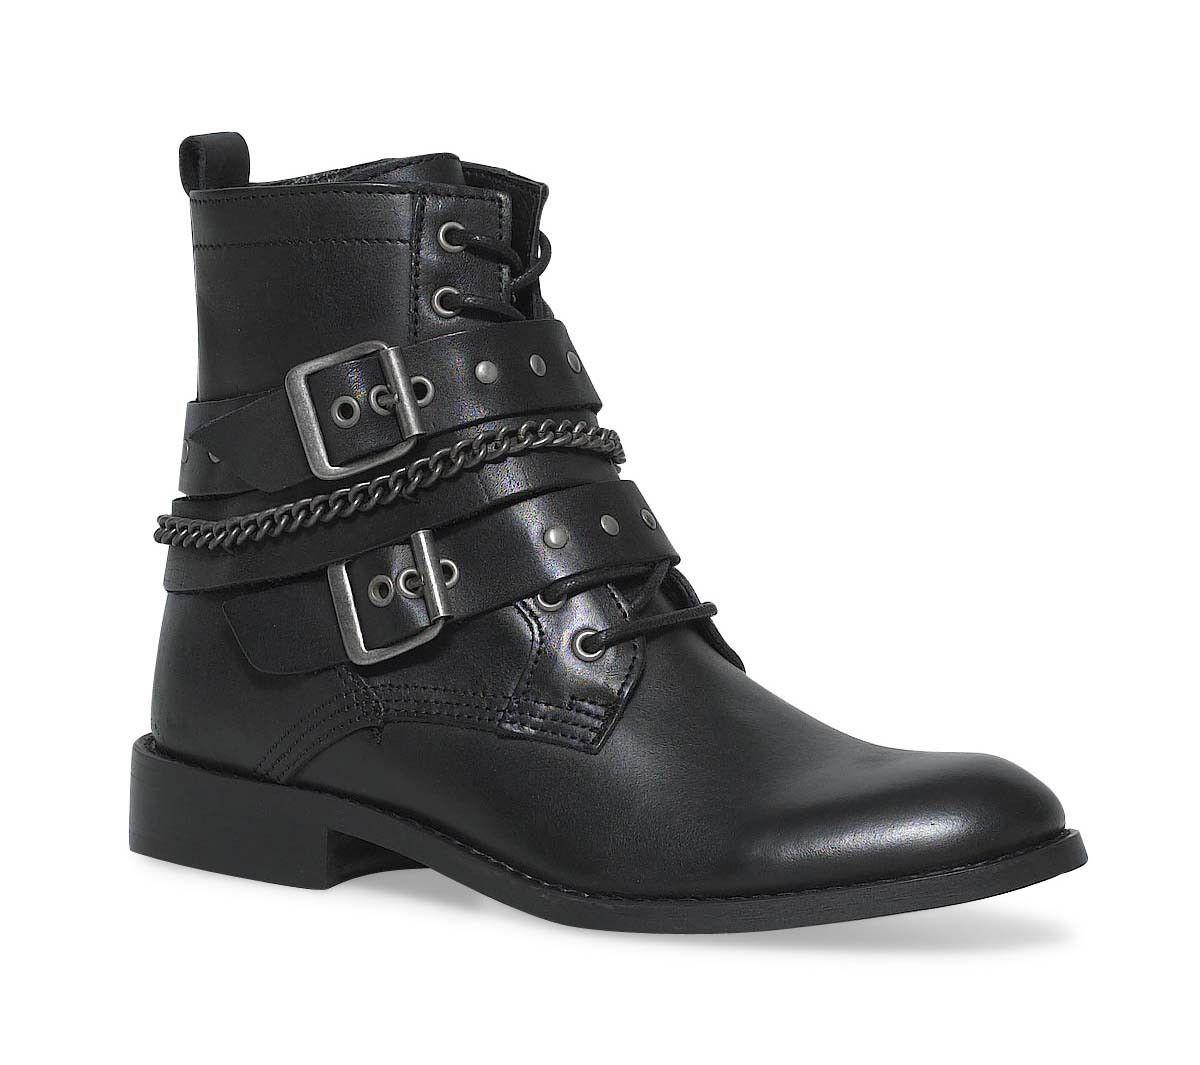 boots noir cuir biker   Boulot wardrobe   Pinterest   Bikers and ... 17dd295b4151